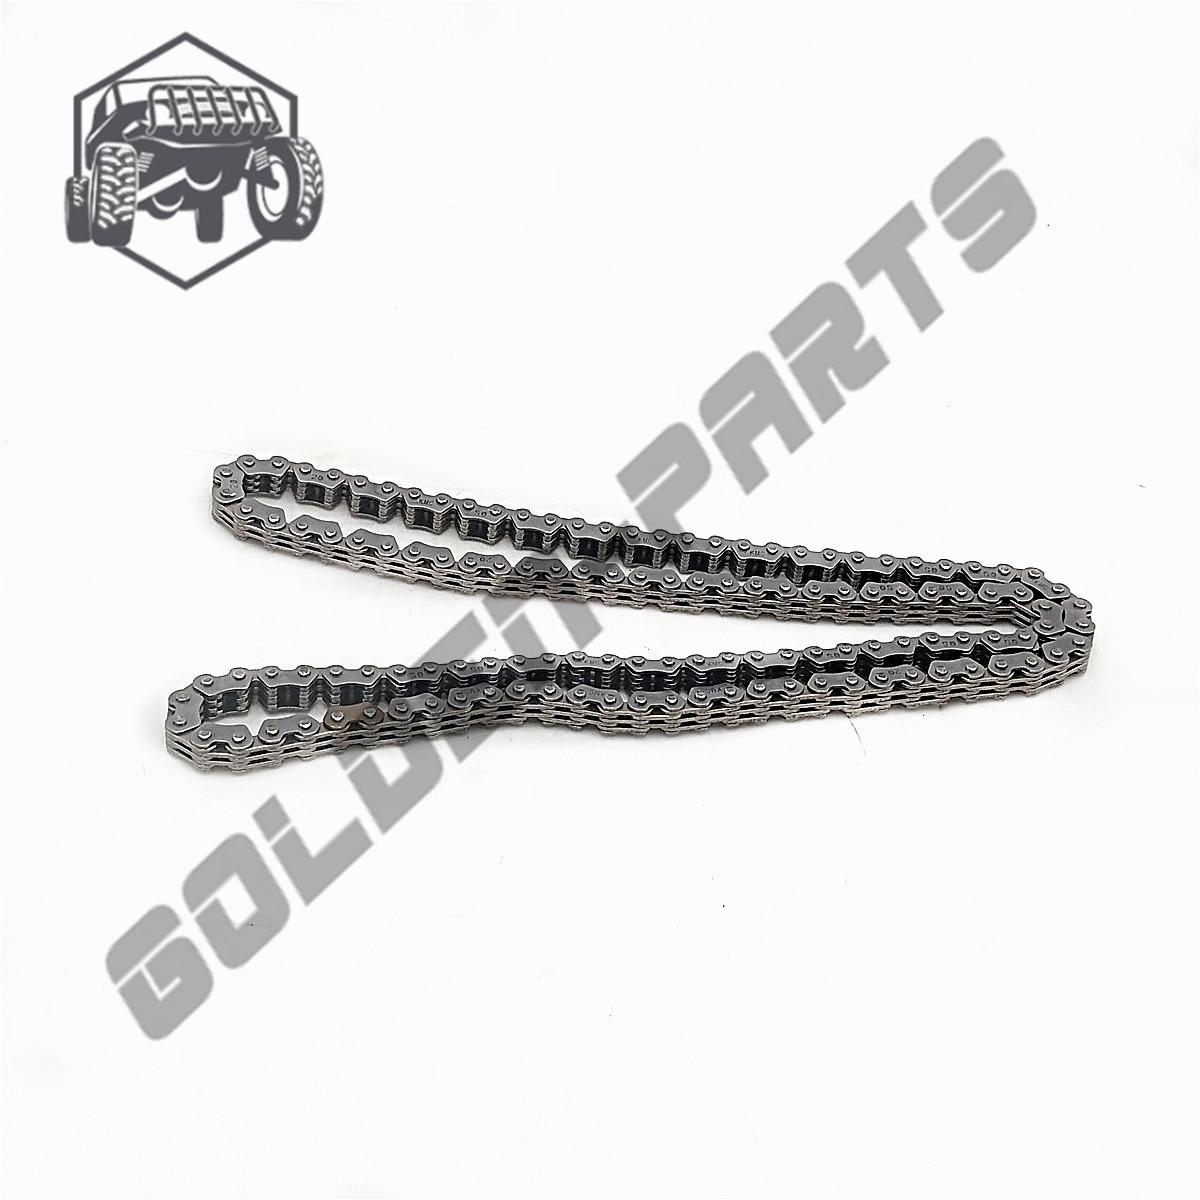 Chaîne de distribution M7-6.35-124 pour HISUN 500 ATV UTV pièce de rechange 14302-004000-0000 chaîne de vélo en acier de haute qualité Durable